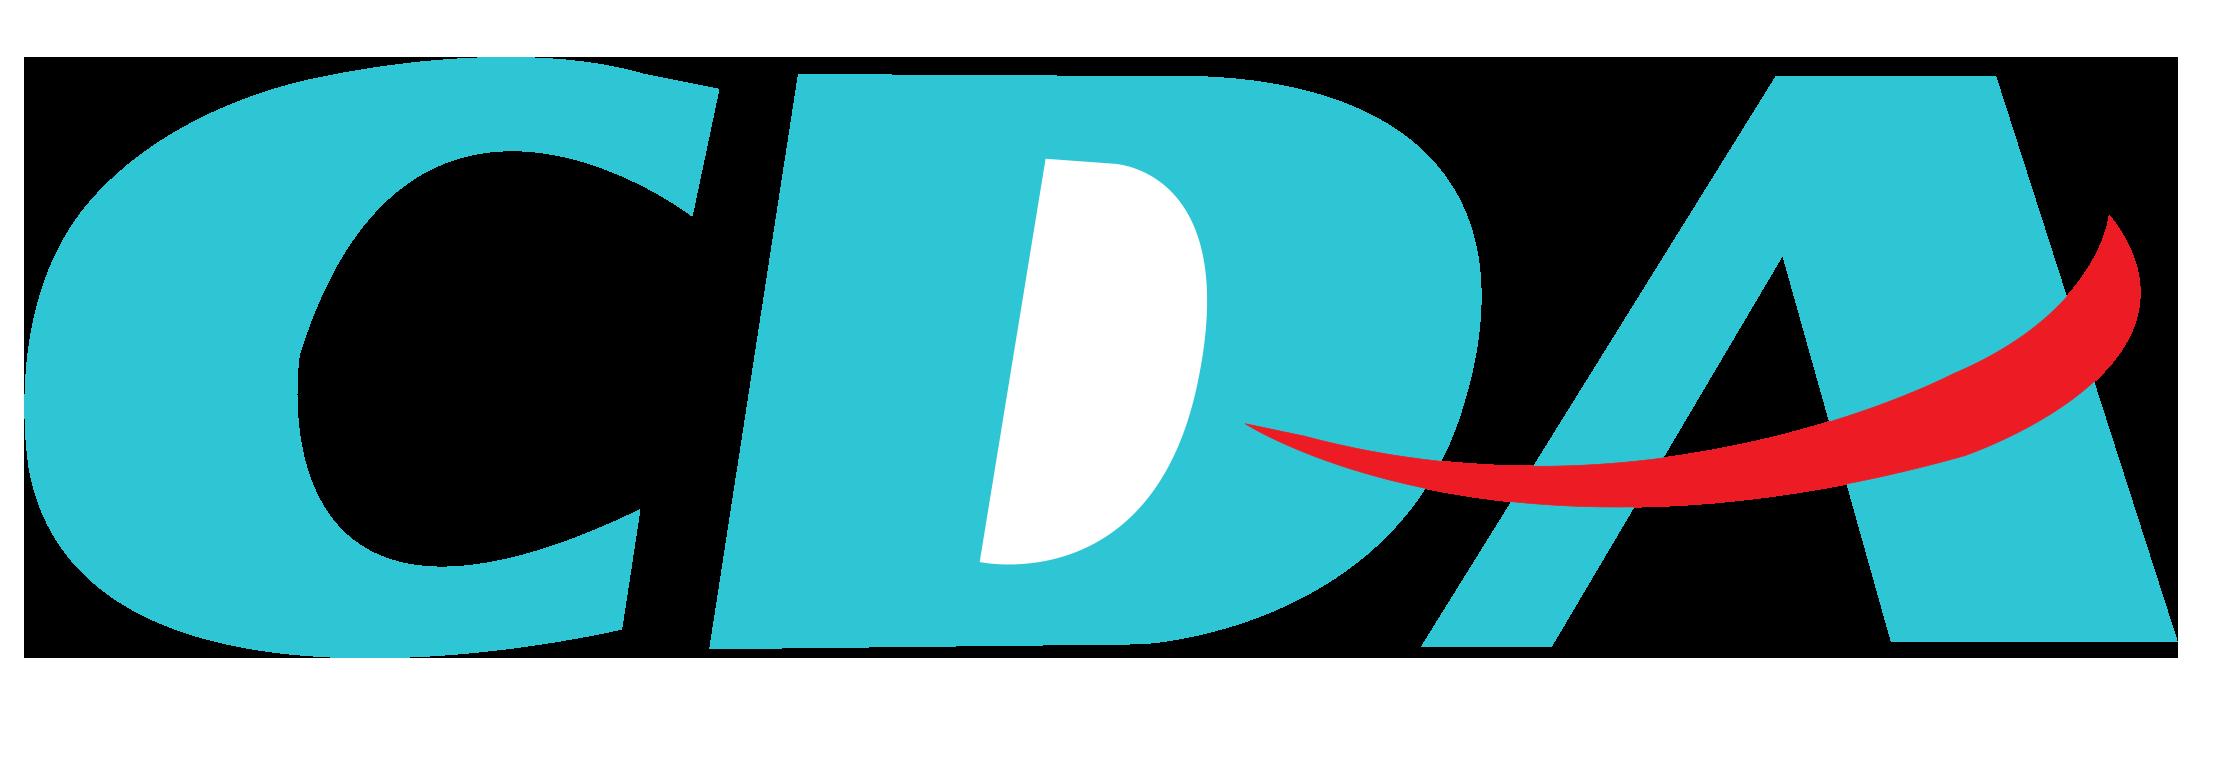 cda-logo.png